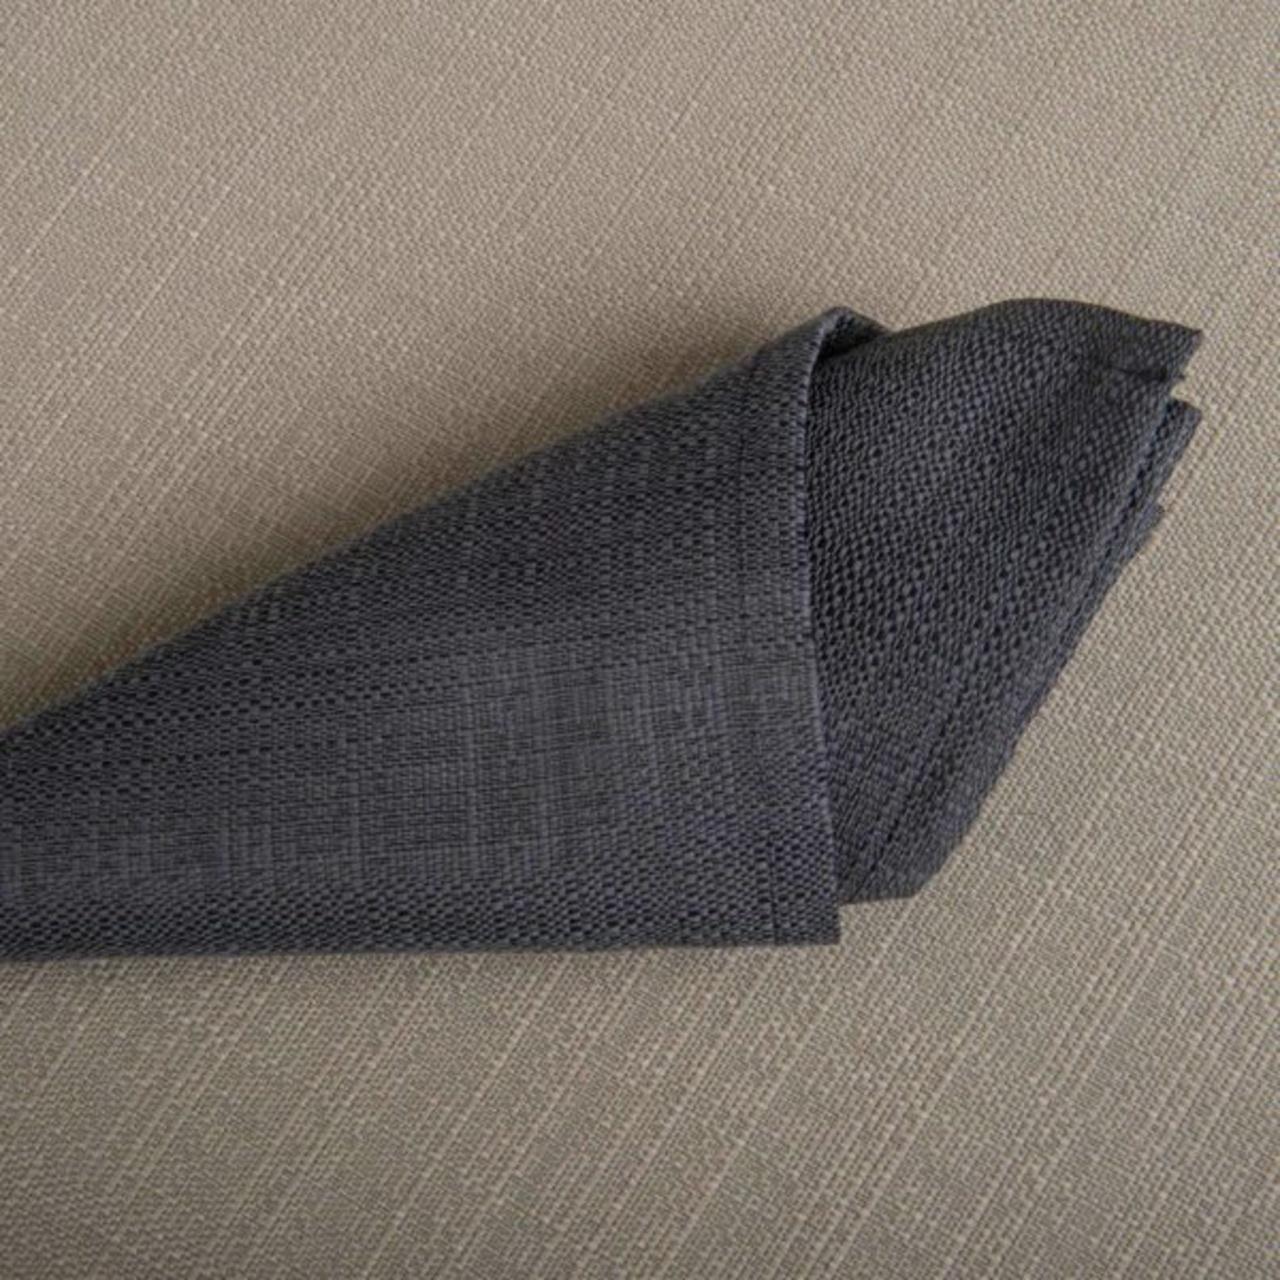 Linge De Table Yucca Anthracite 52 Pour Cent Polyester 48 Pour Cent Coton 245 Grs M2 Professionnel Restaurant Linvosges Hotellerie